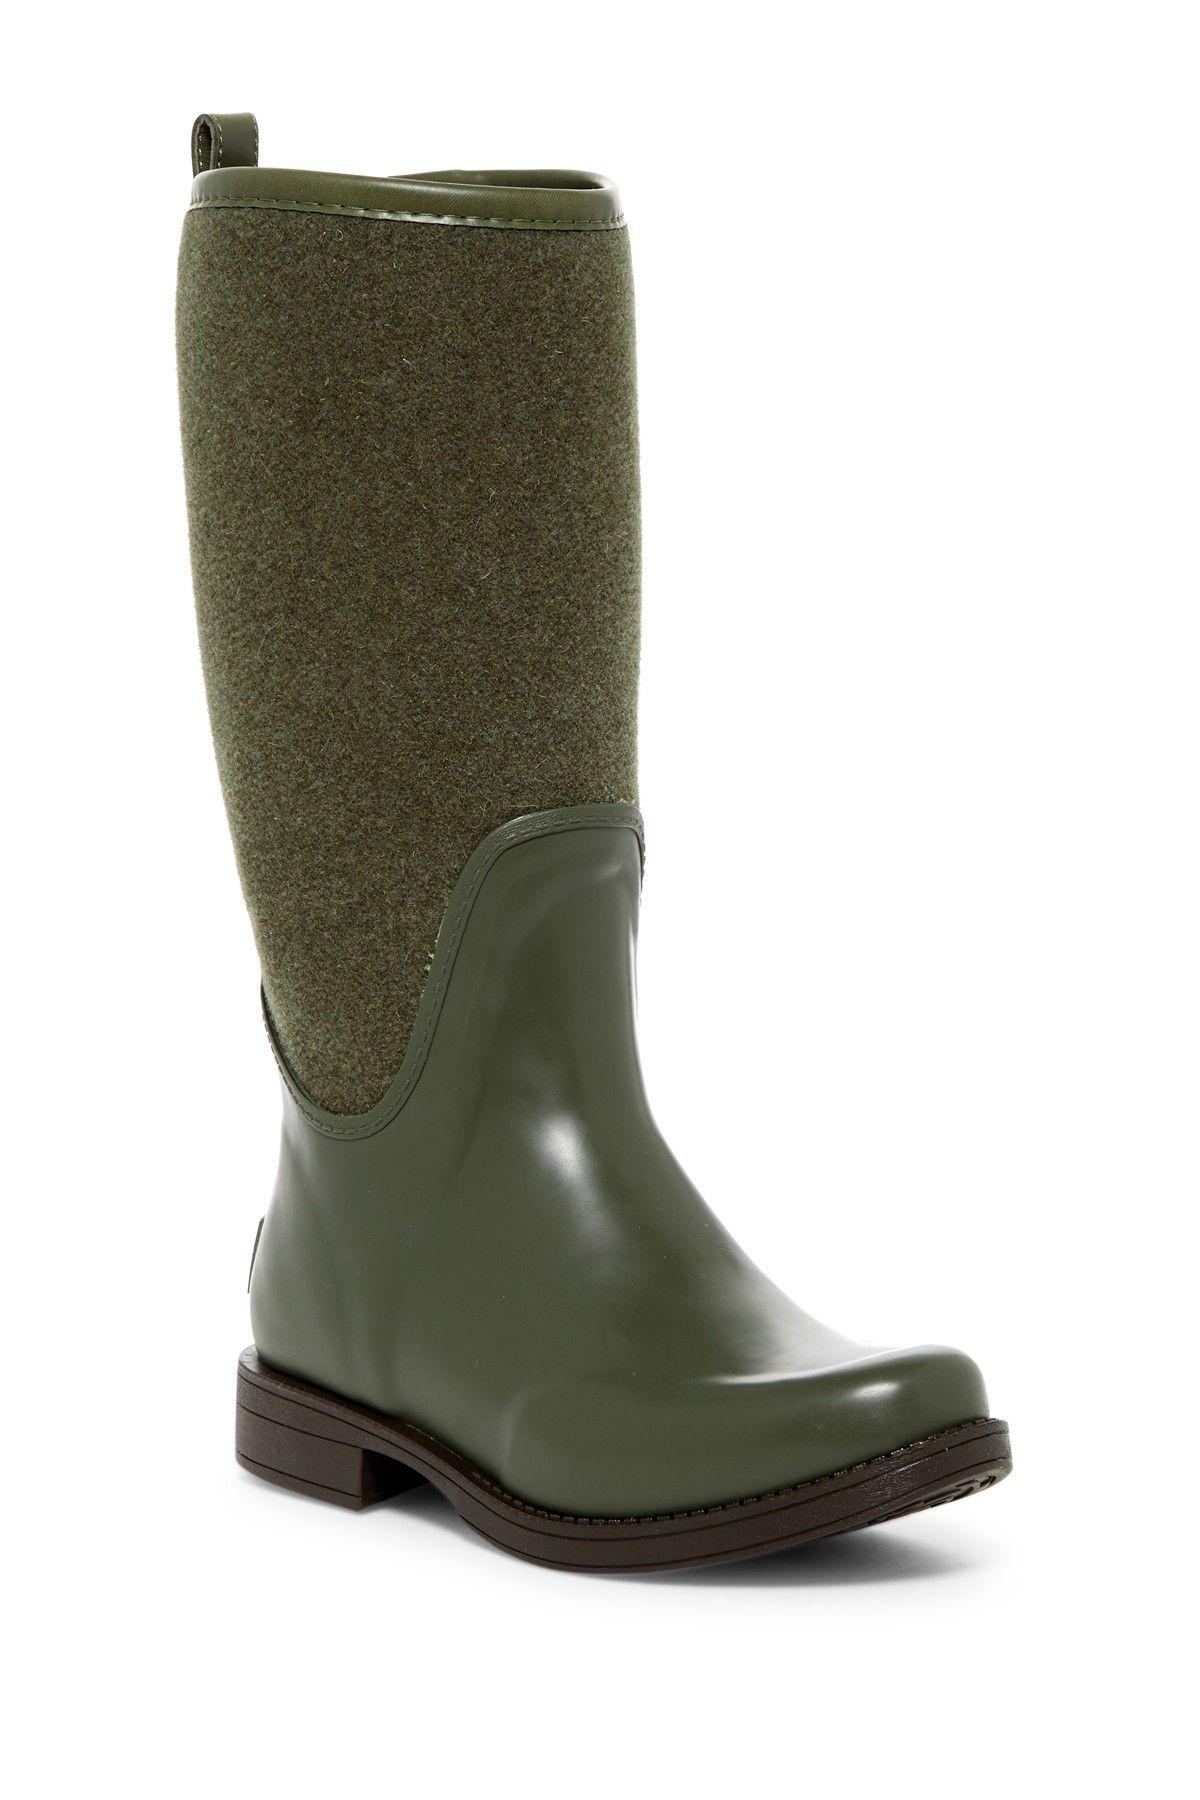 6374ebfa83d Reignfall Waterproof Rain Boot Ugg Boots